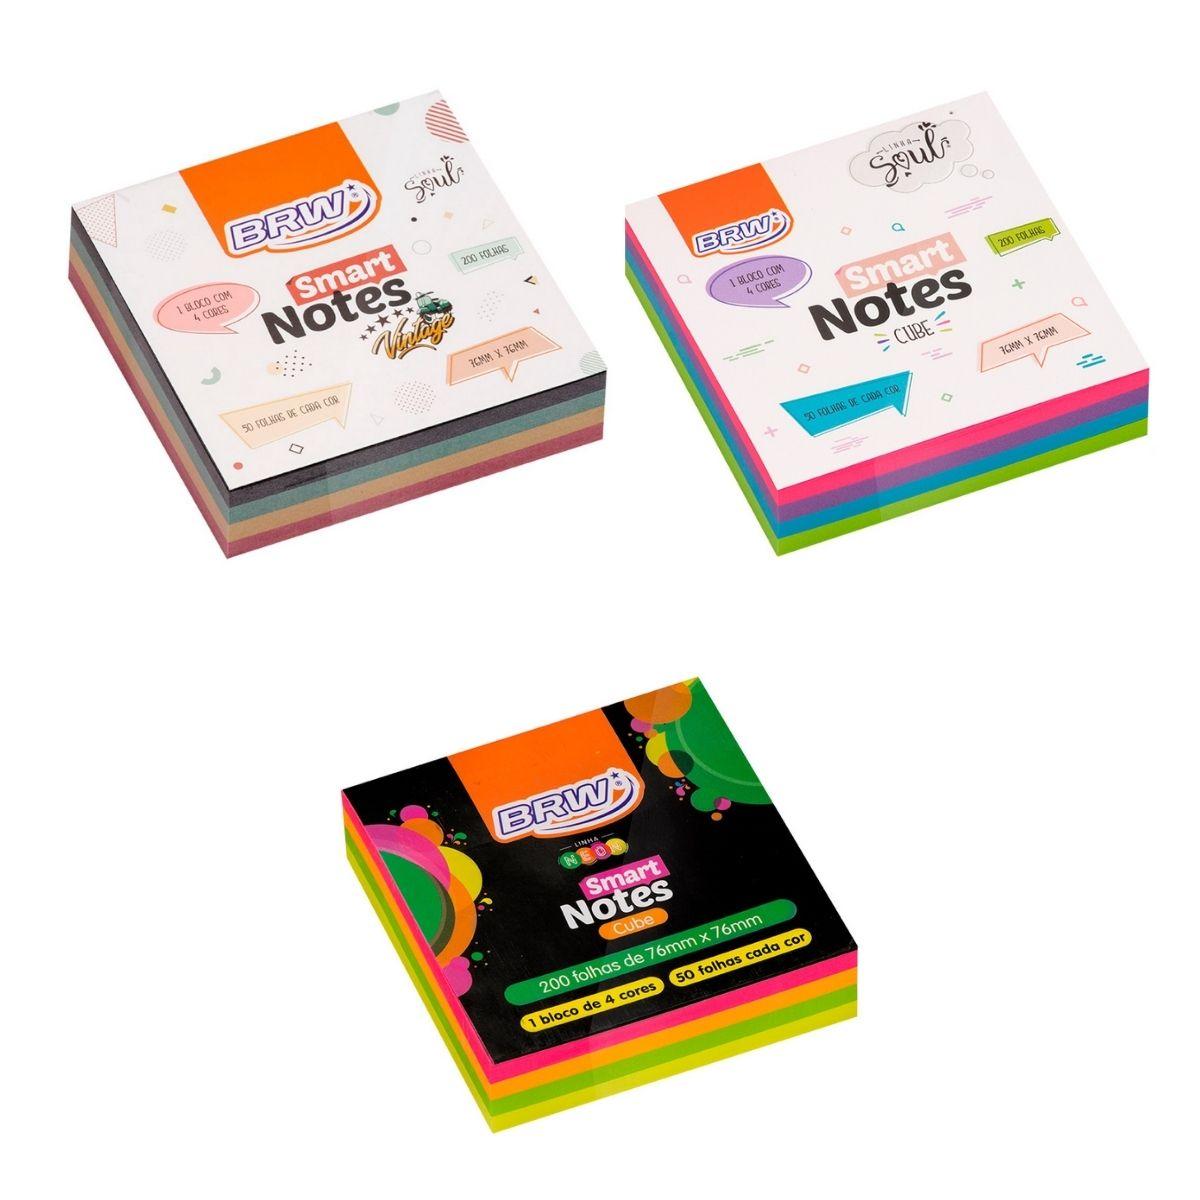 Bloco Adesivo BRW Smart Notes Cube Colorido 76x76mm